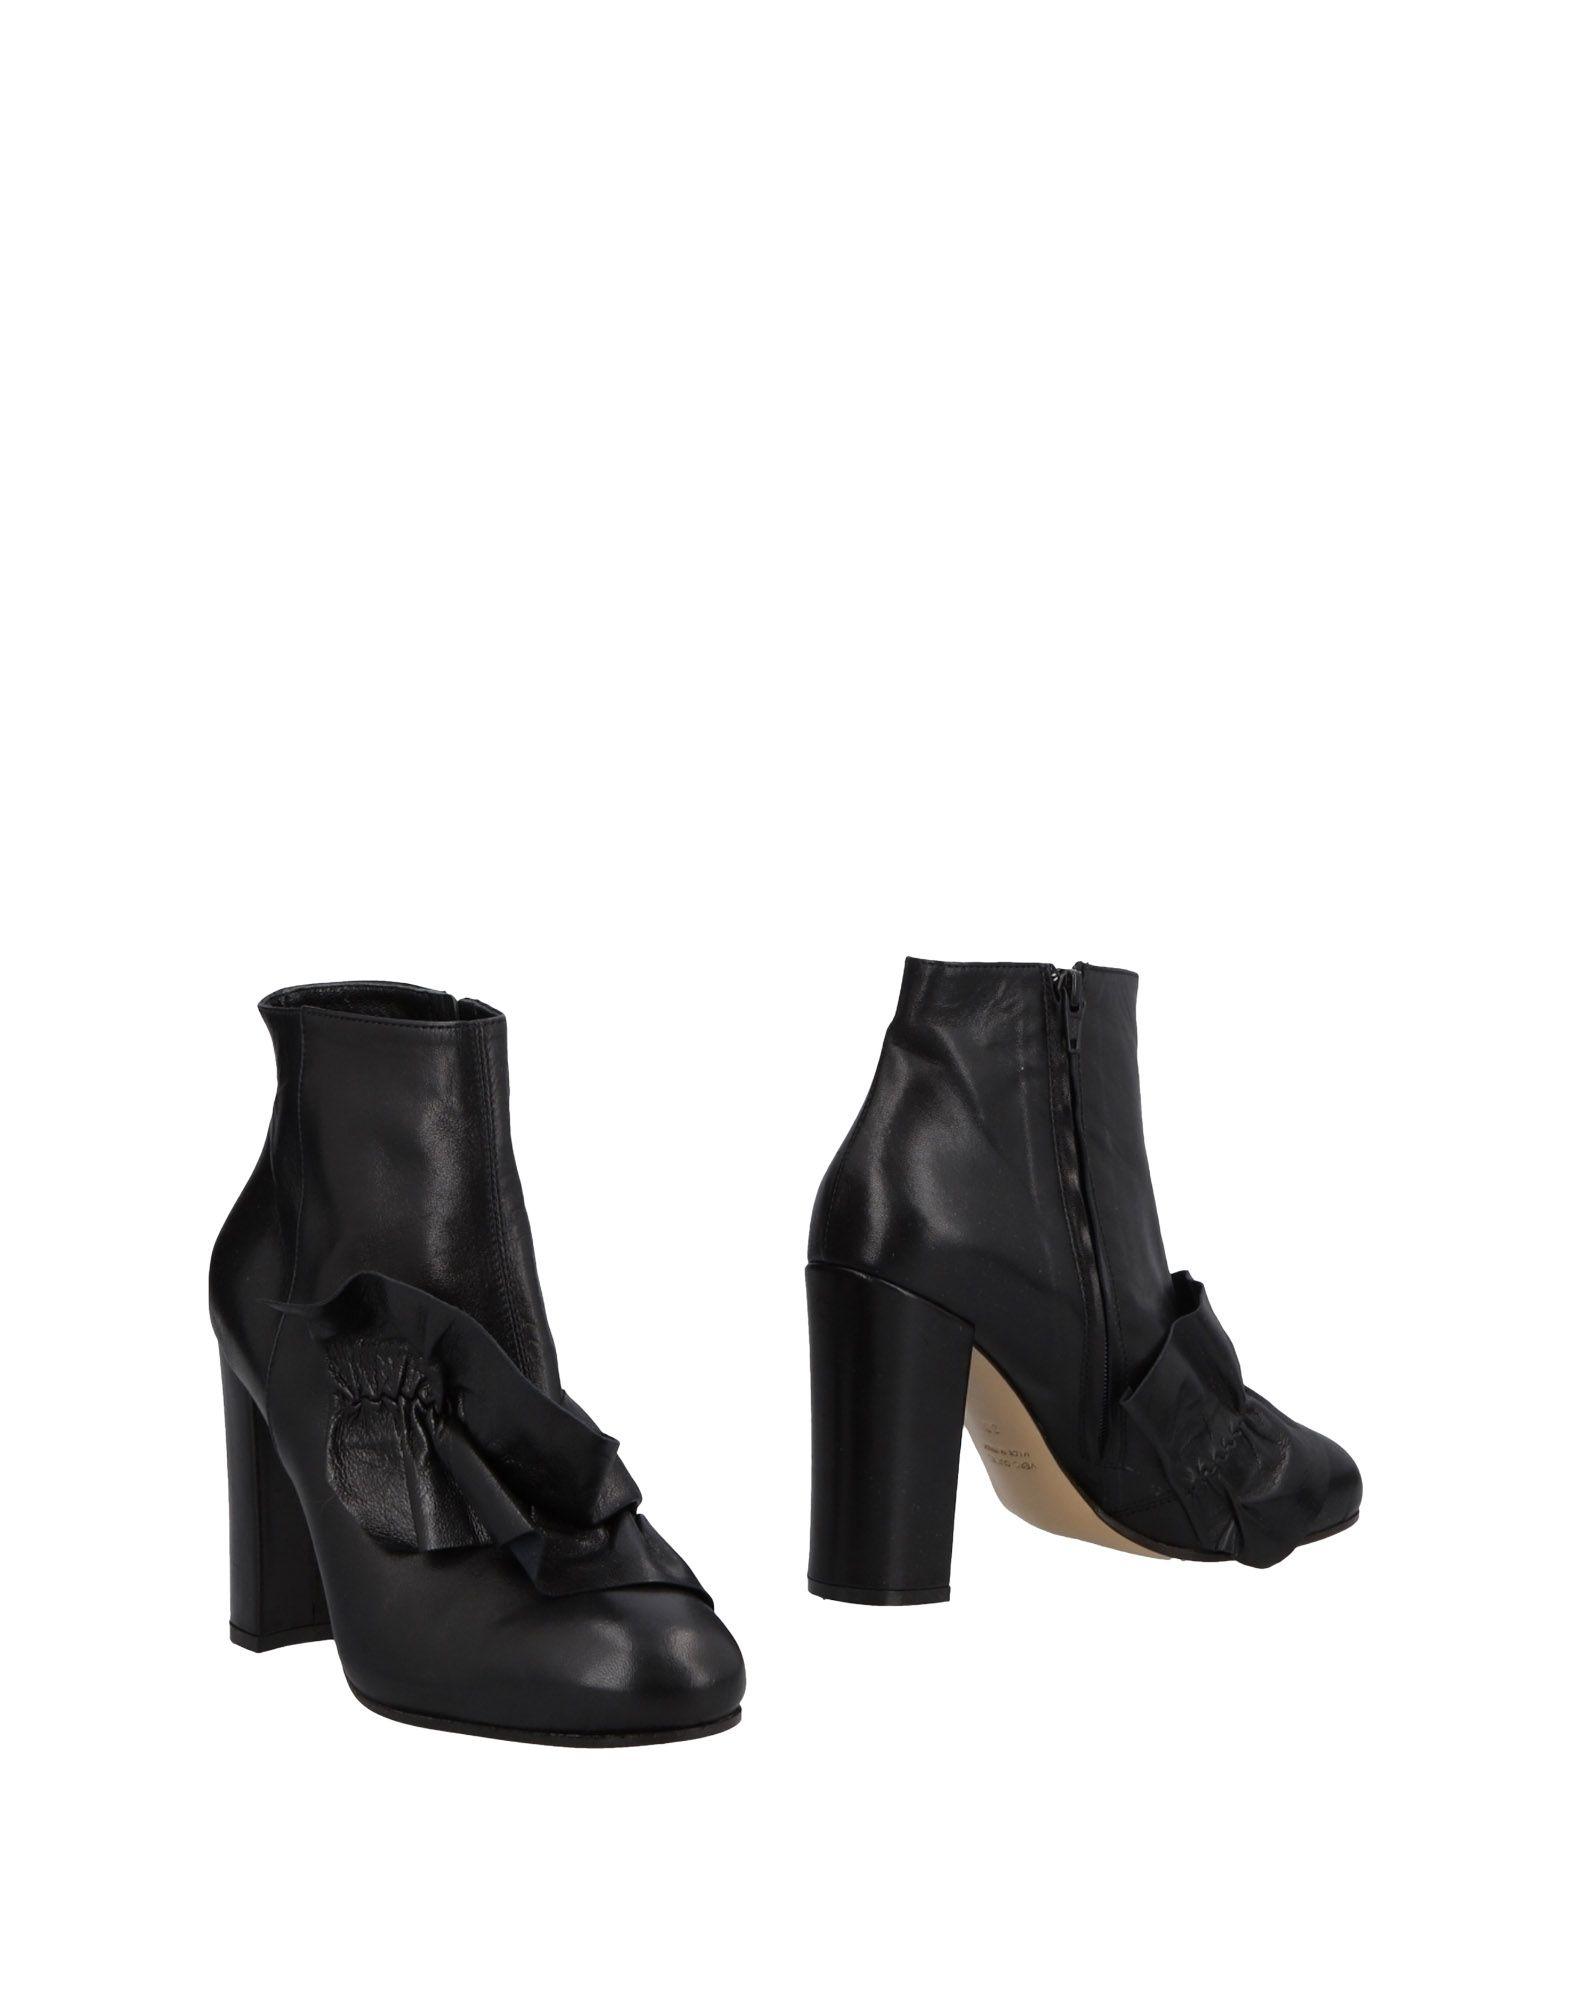 Gut um Stiefelette billige Schuhe zu tragenSuoli Stiefelette um Damen  11484292EI dccd76